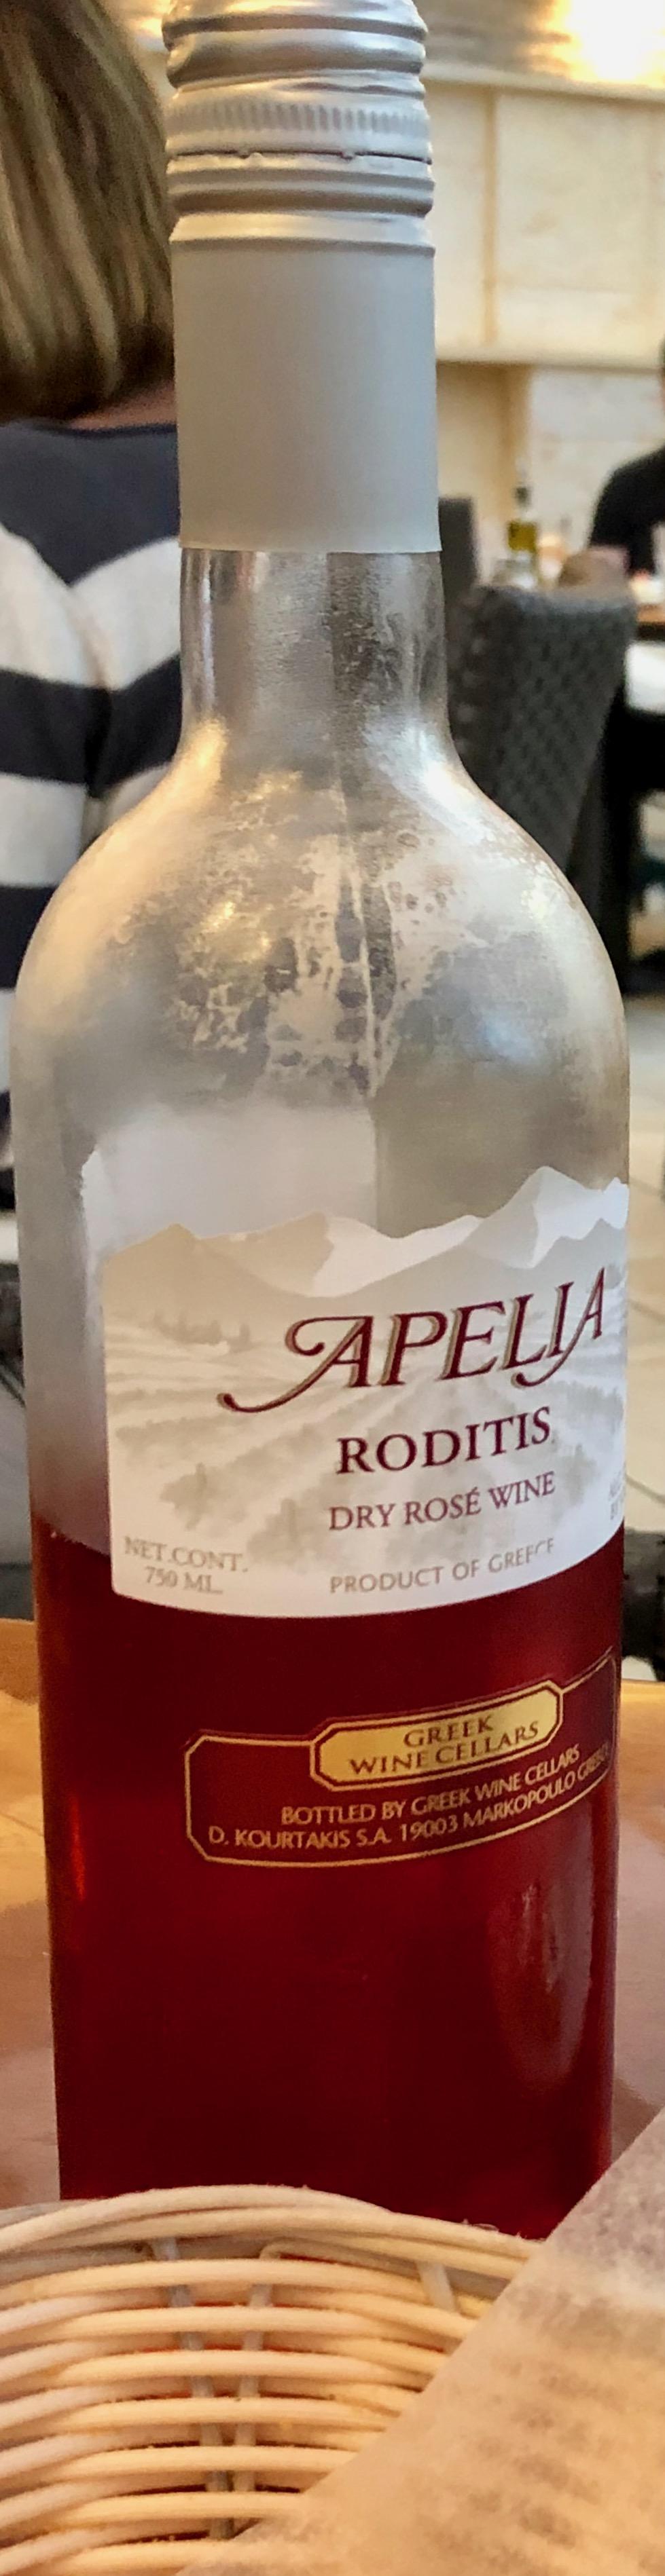 Roditis, Athena Restaurant, Greektown, Chicago, Illinois